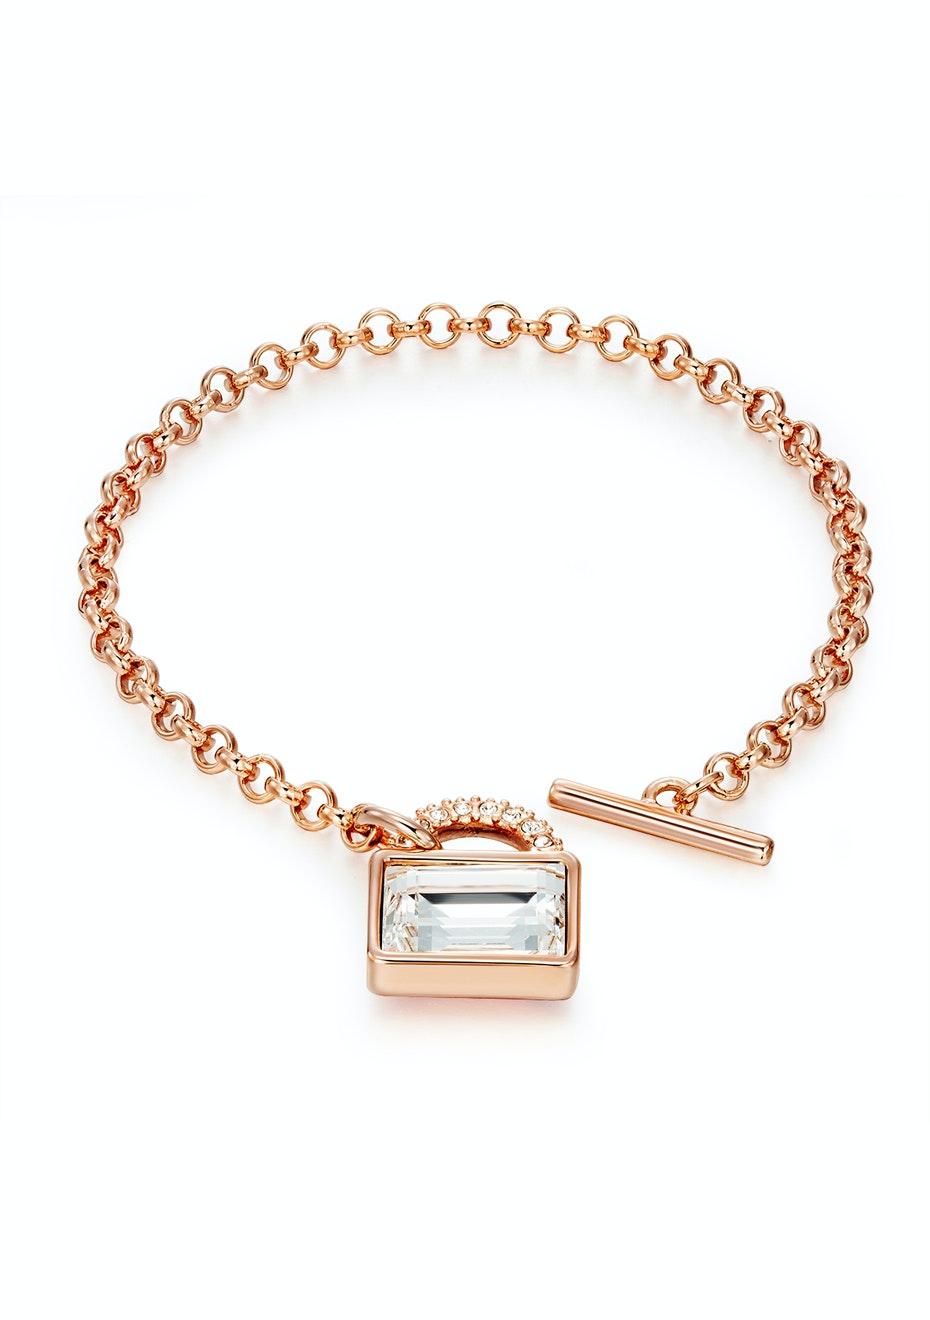 Designer Bracelet Ft Swarovski Crystals -Rose Gold